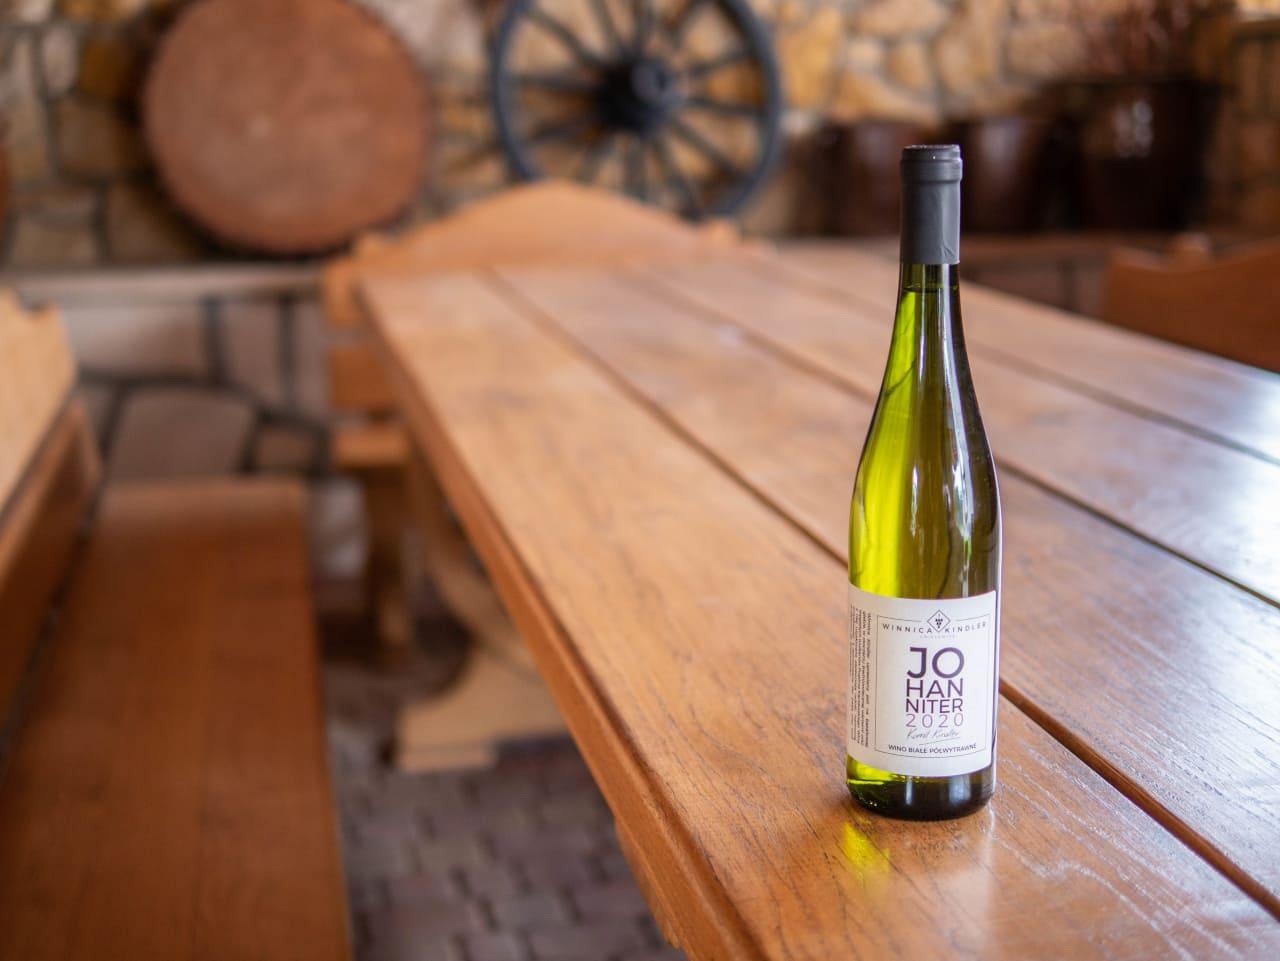 Dolny Śląsk2 Nietypowe Atrakcje Winnica Kindler Uniejowice Wino Winiarnia Dolnośląski Szlak Piwa i Wina